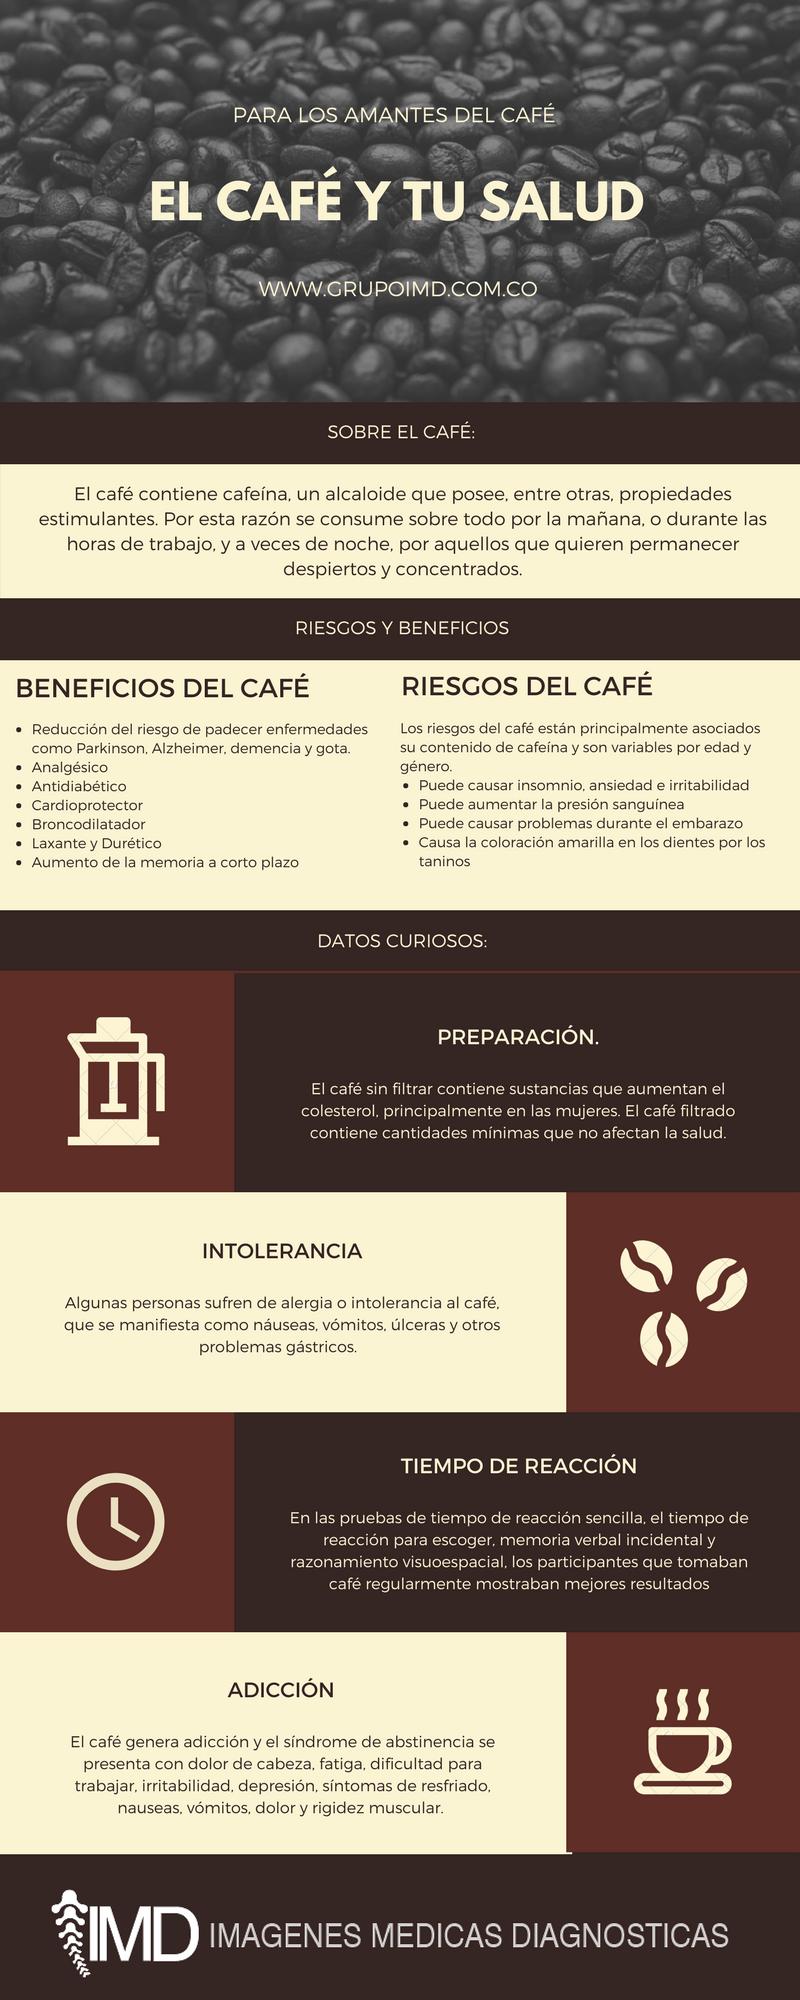 el cafe y la salud